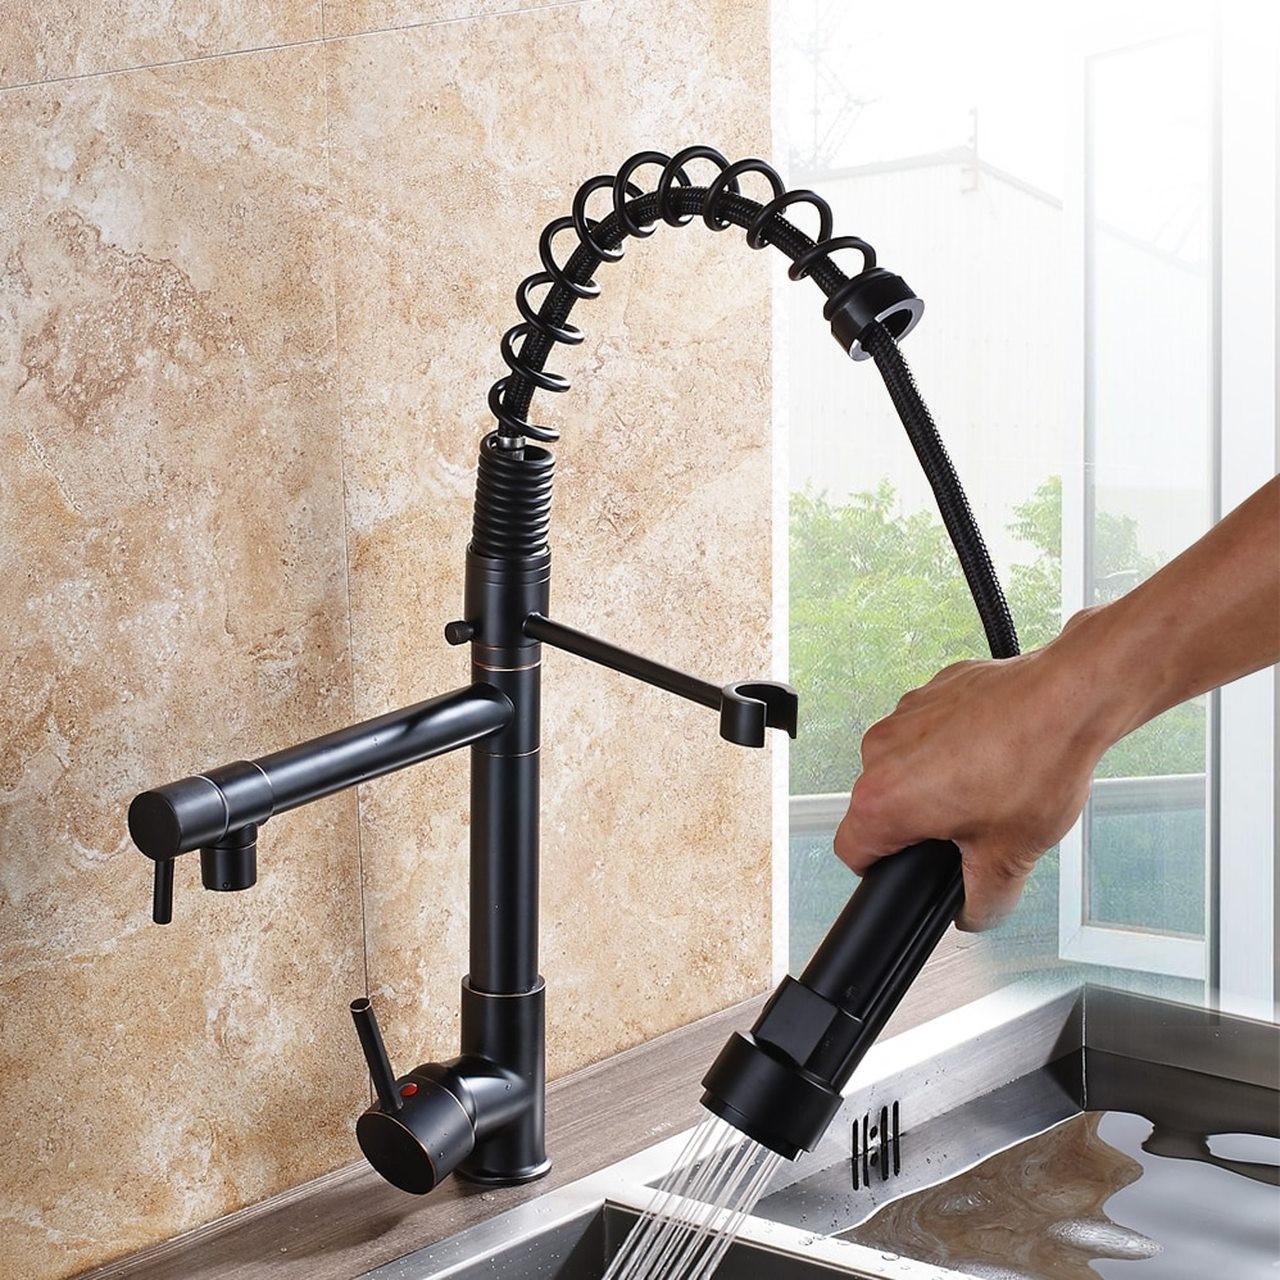 robinets de cuisine à tirette.